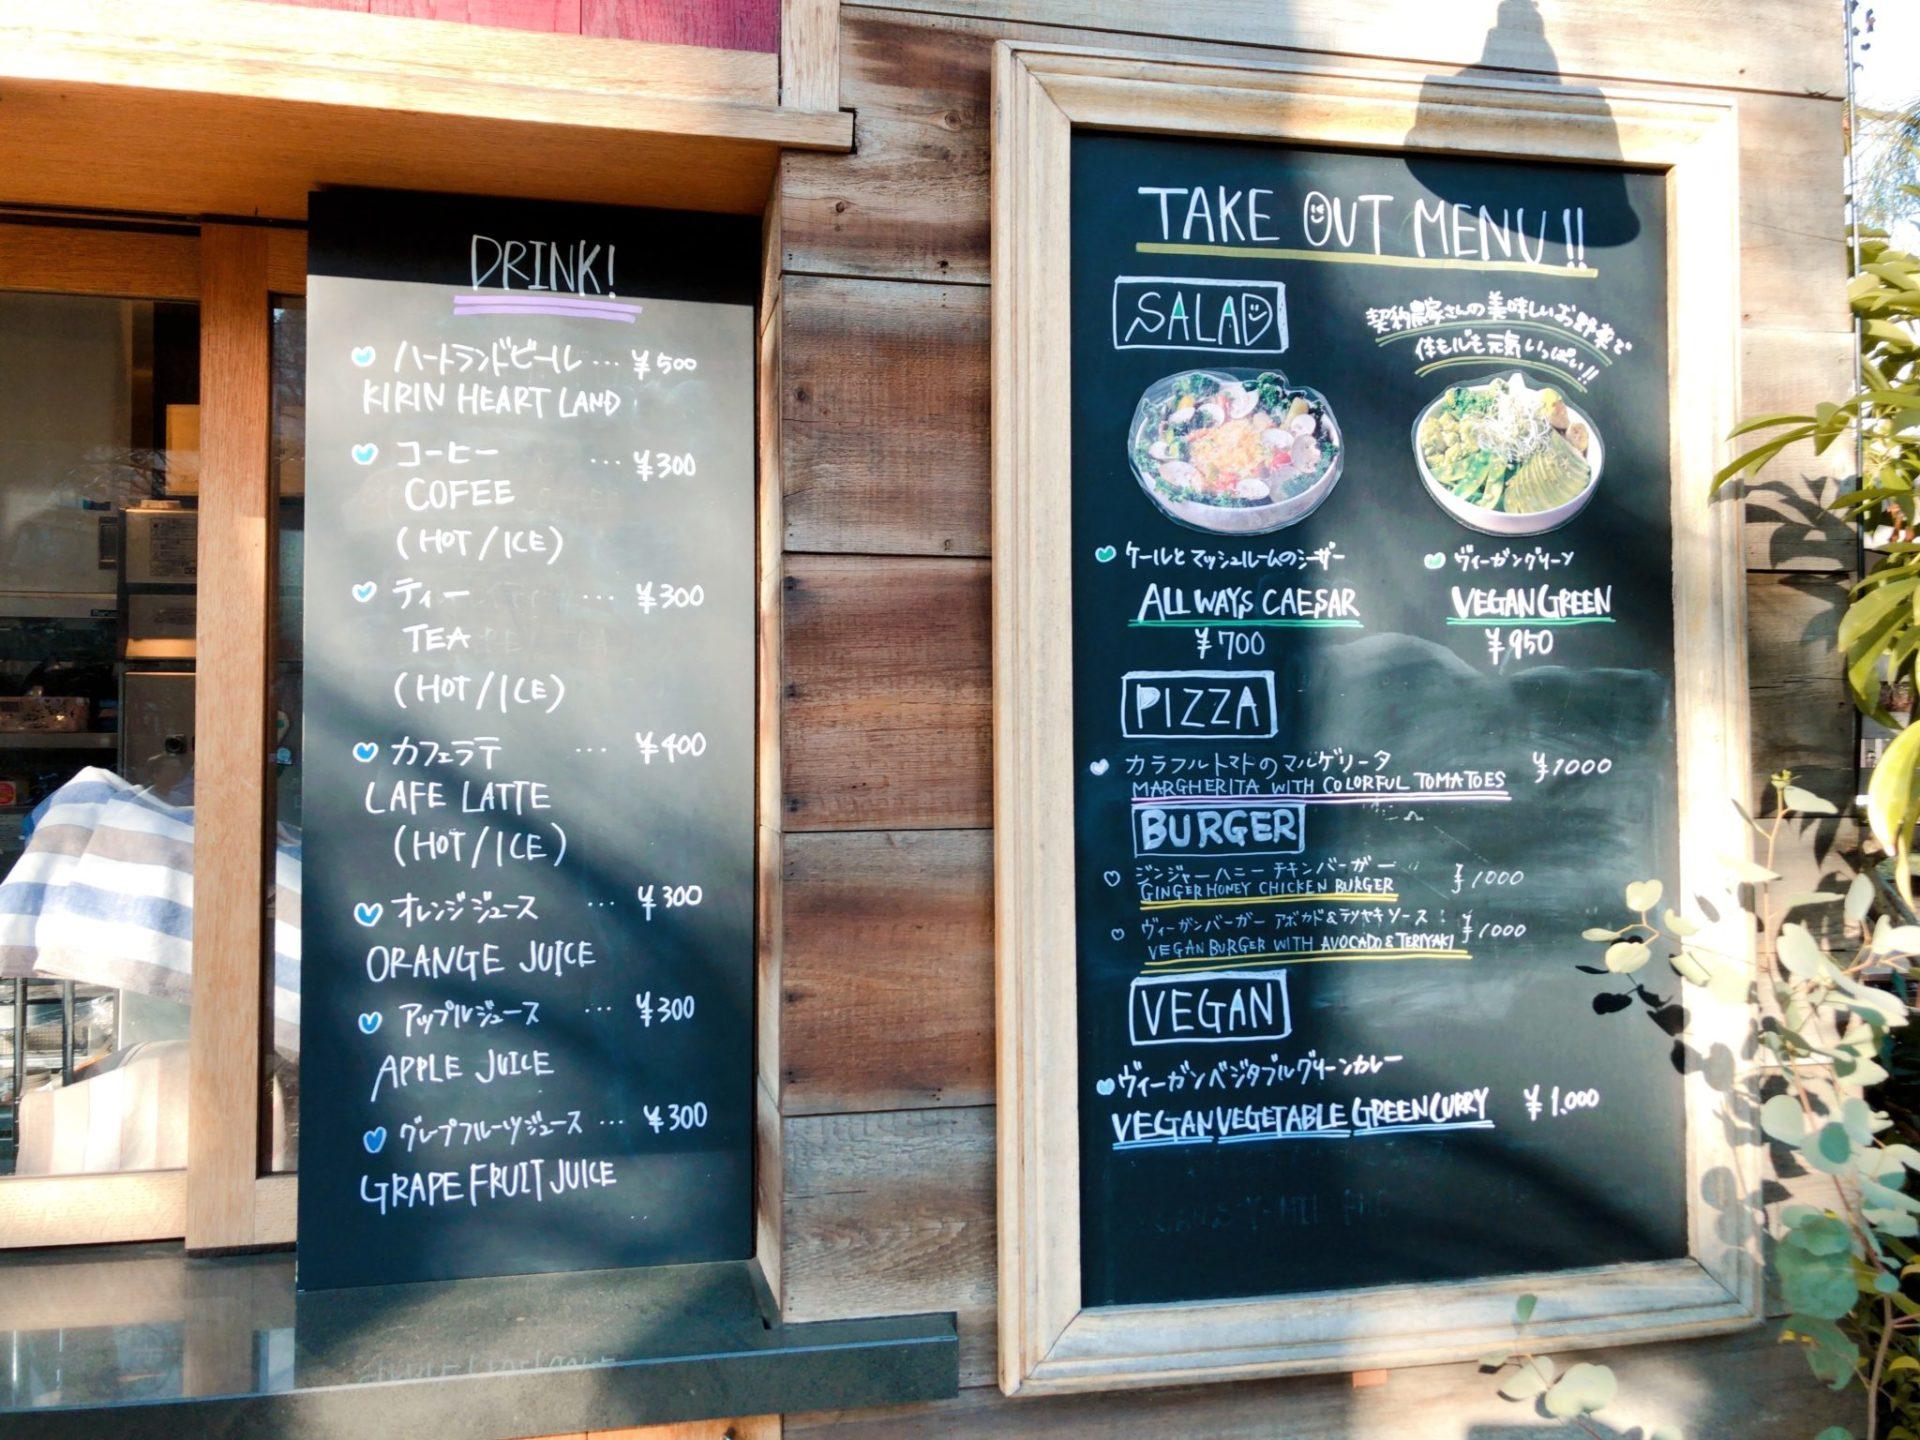 駒沢公園内にあるカフェMr.FARMERのテイクアウトメニュー